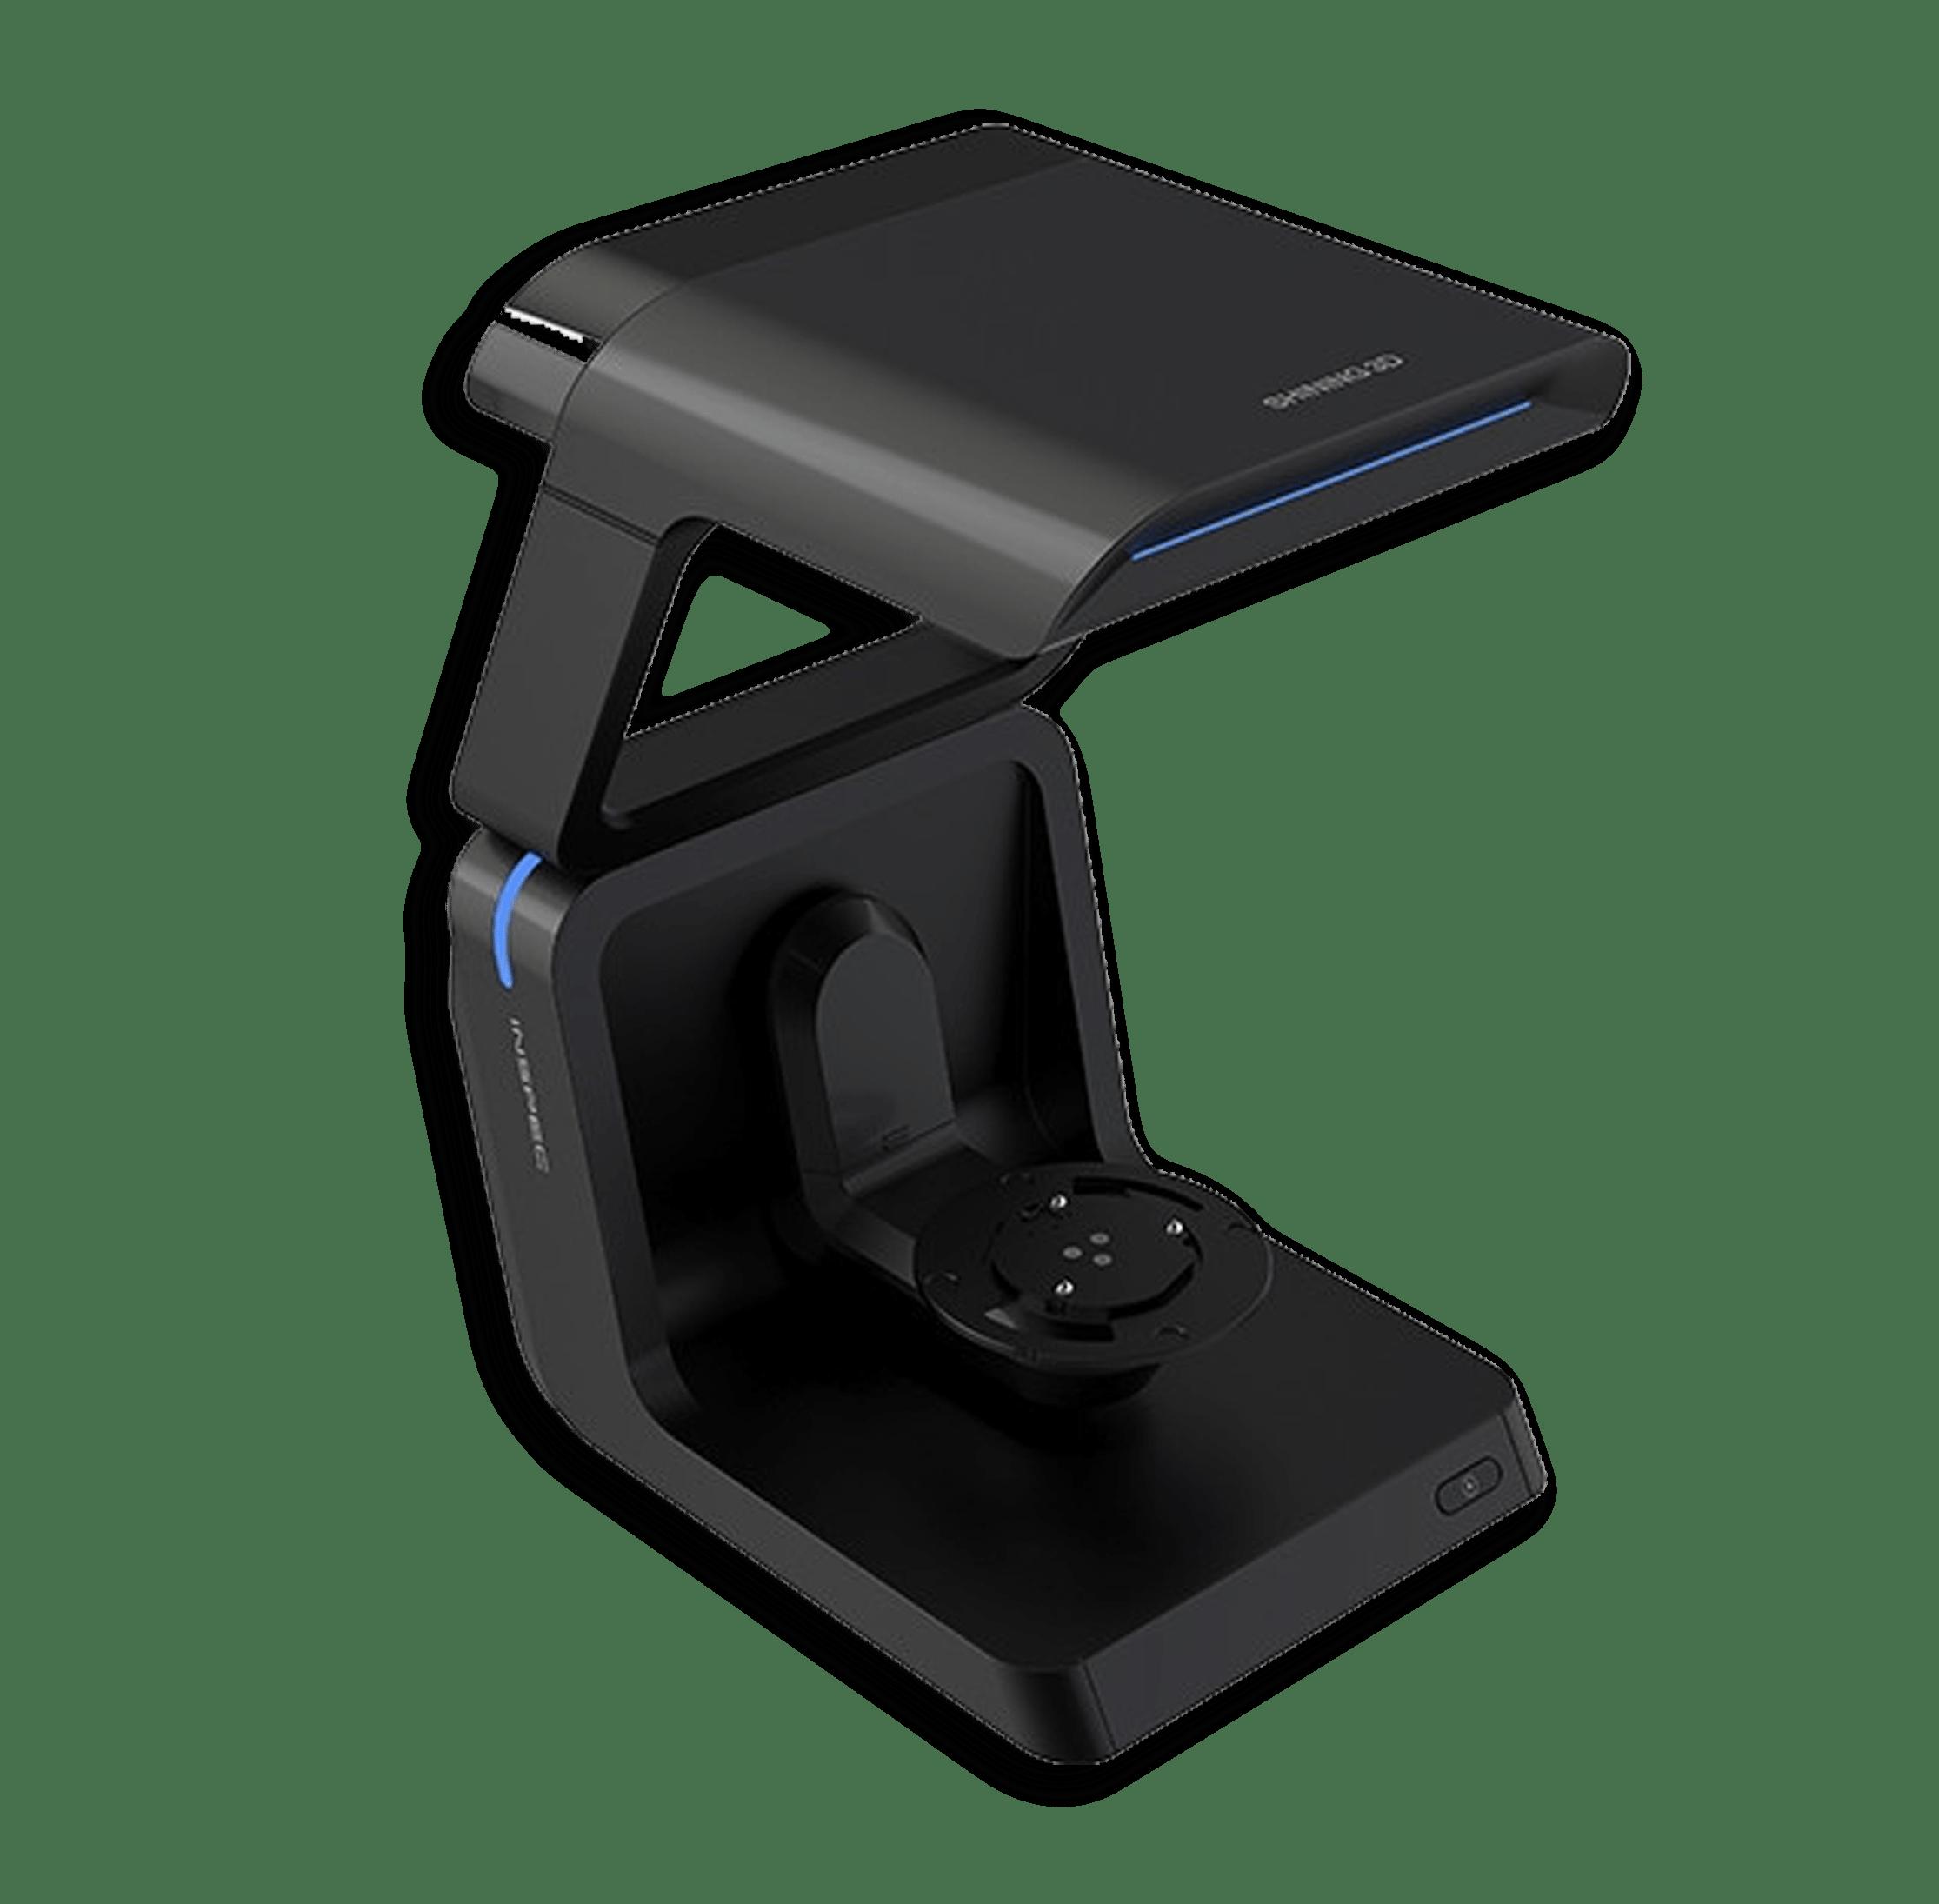 autoscan-inspect-vger